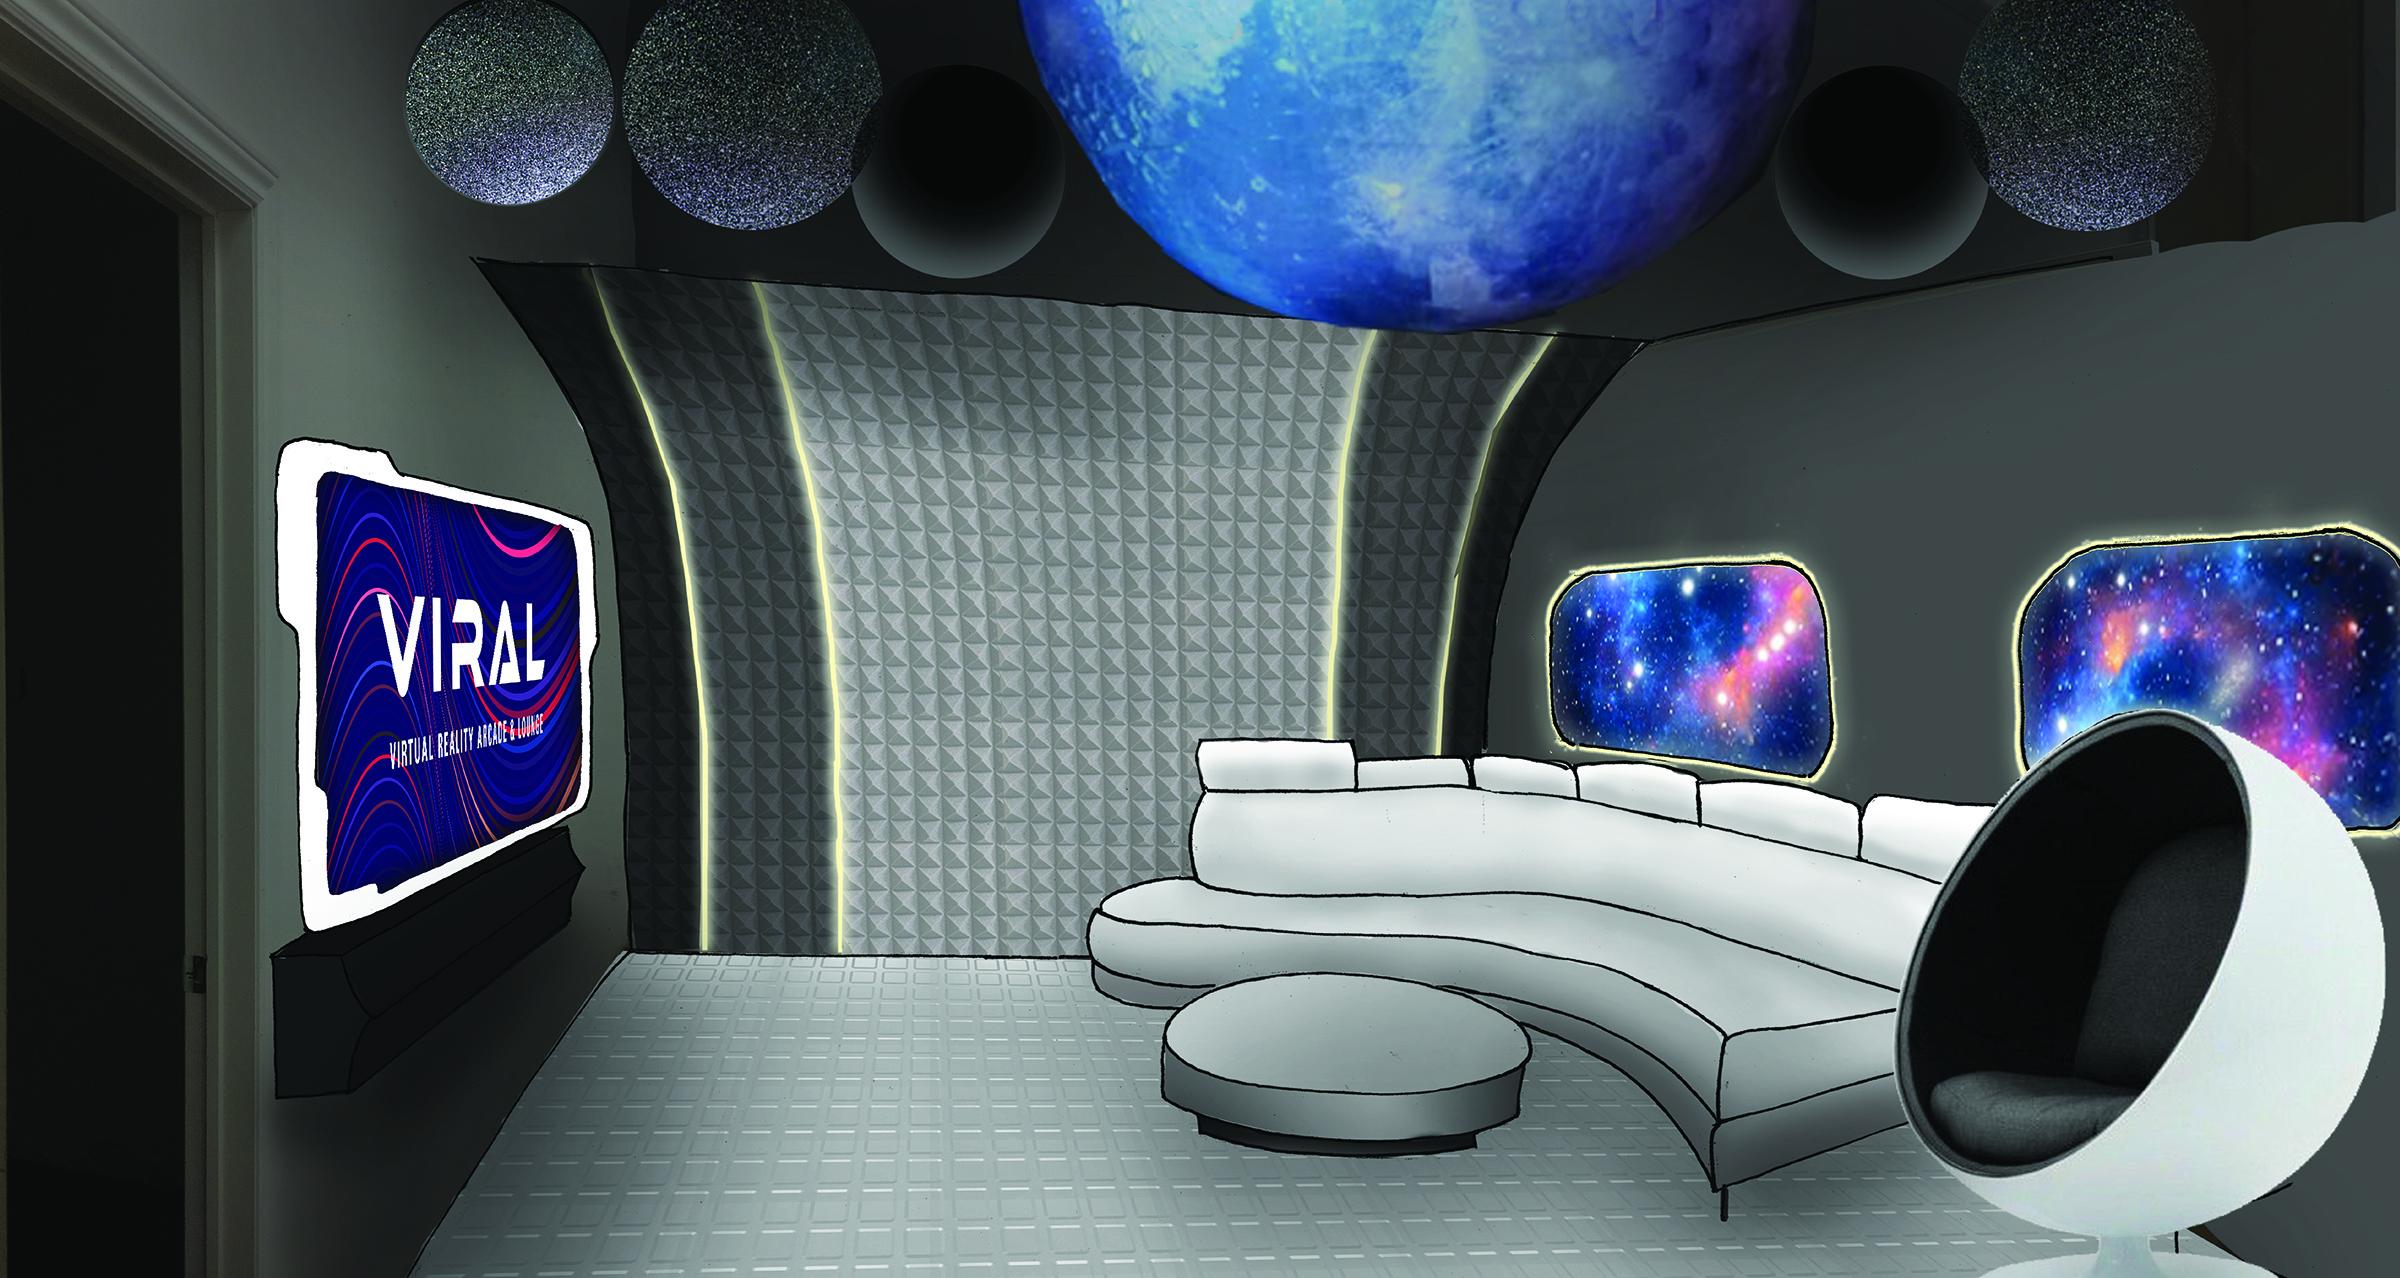 Area 3 Concept Art - Multi-Player Lounge Area